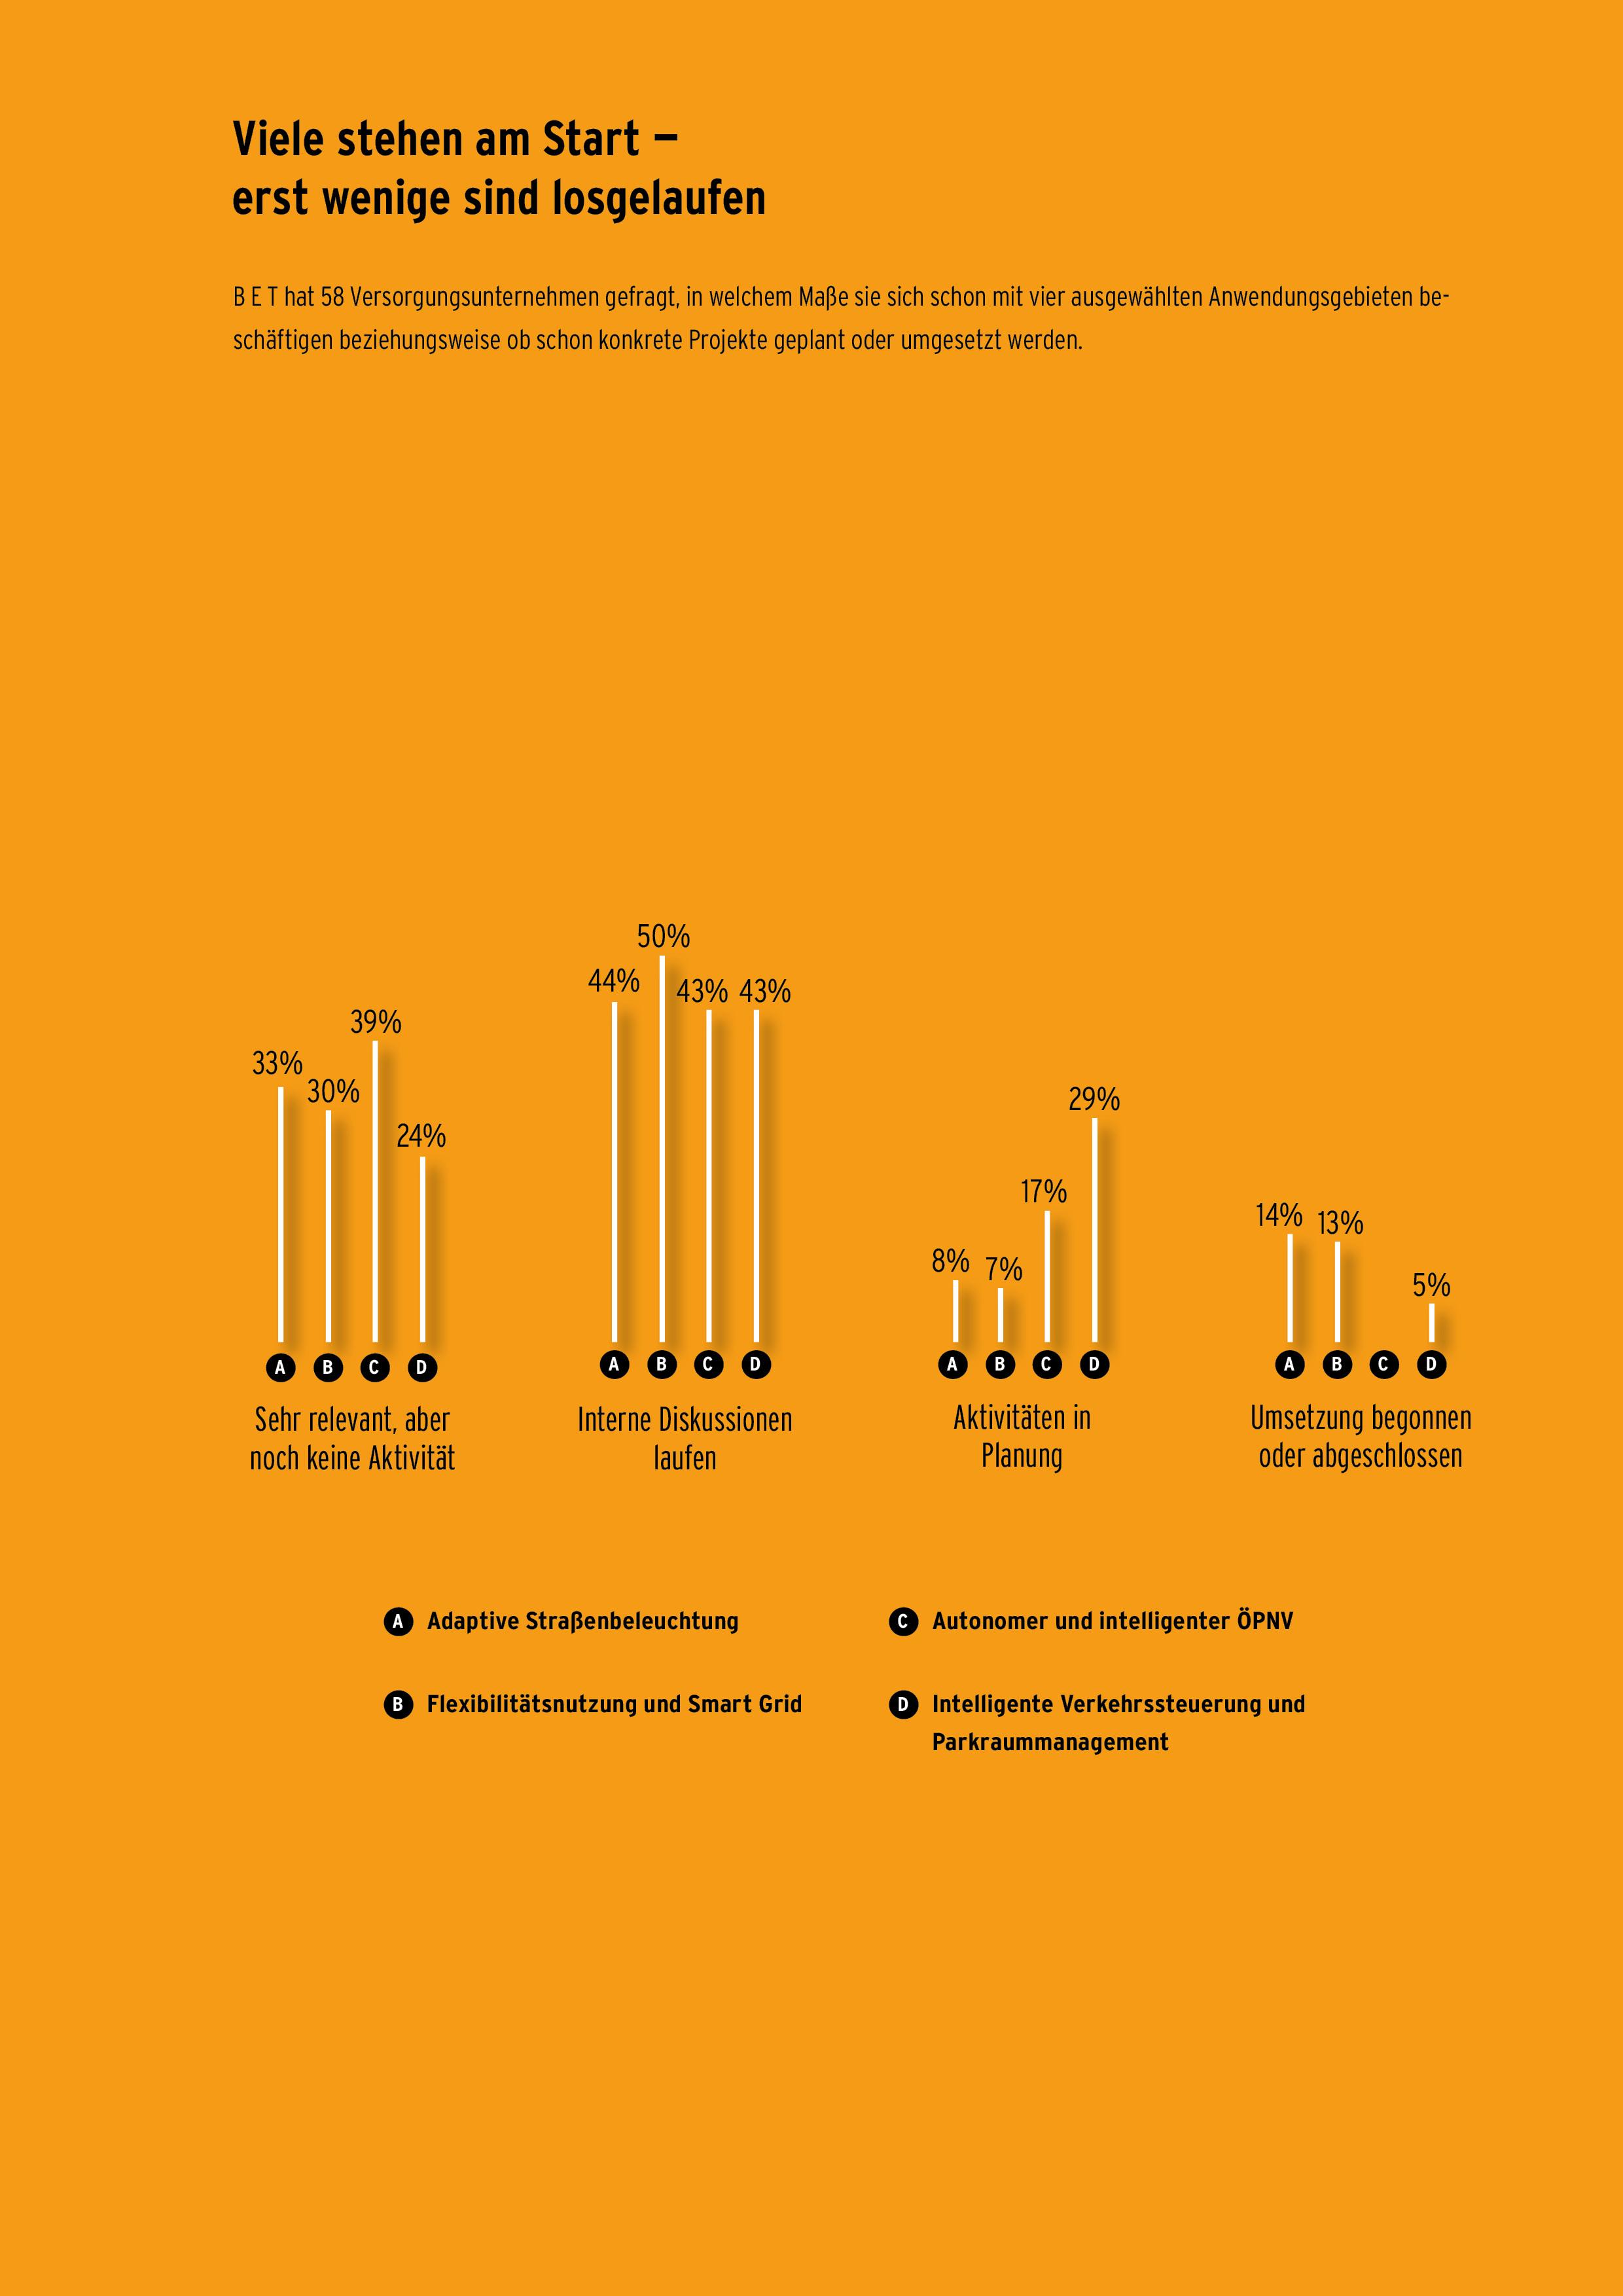 Ergebnisse der Umfrage zu Smart City Anwendungsgebieten